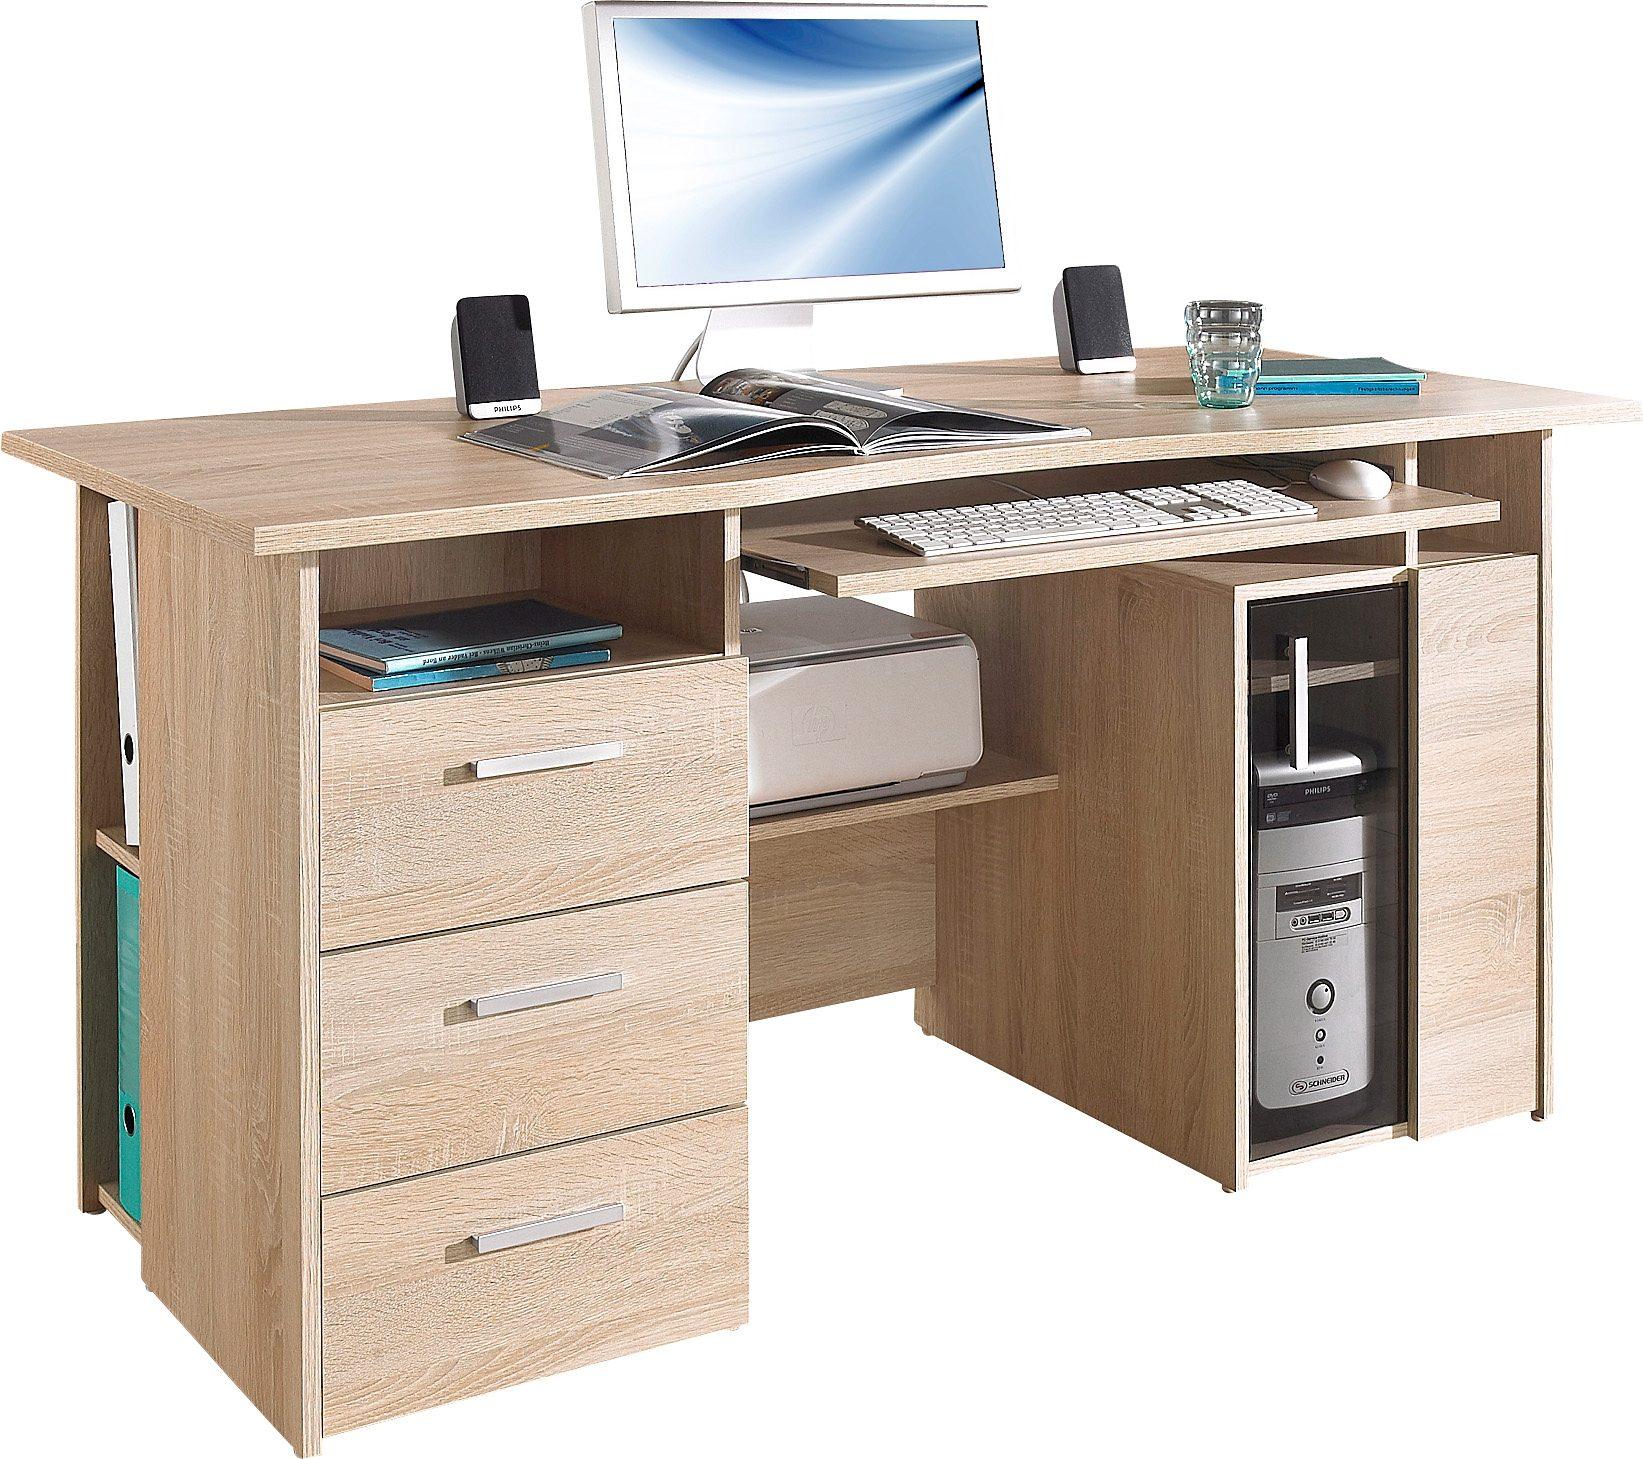 Maja Möbel Computertisch Heide mit Tastaturauszug und Druckerfach